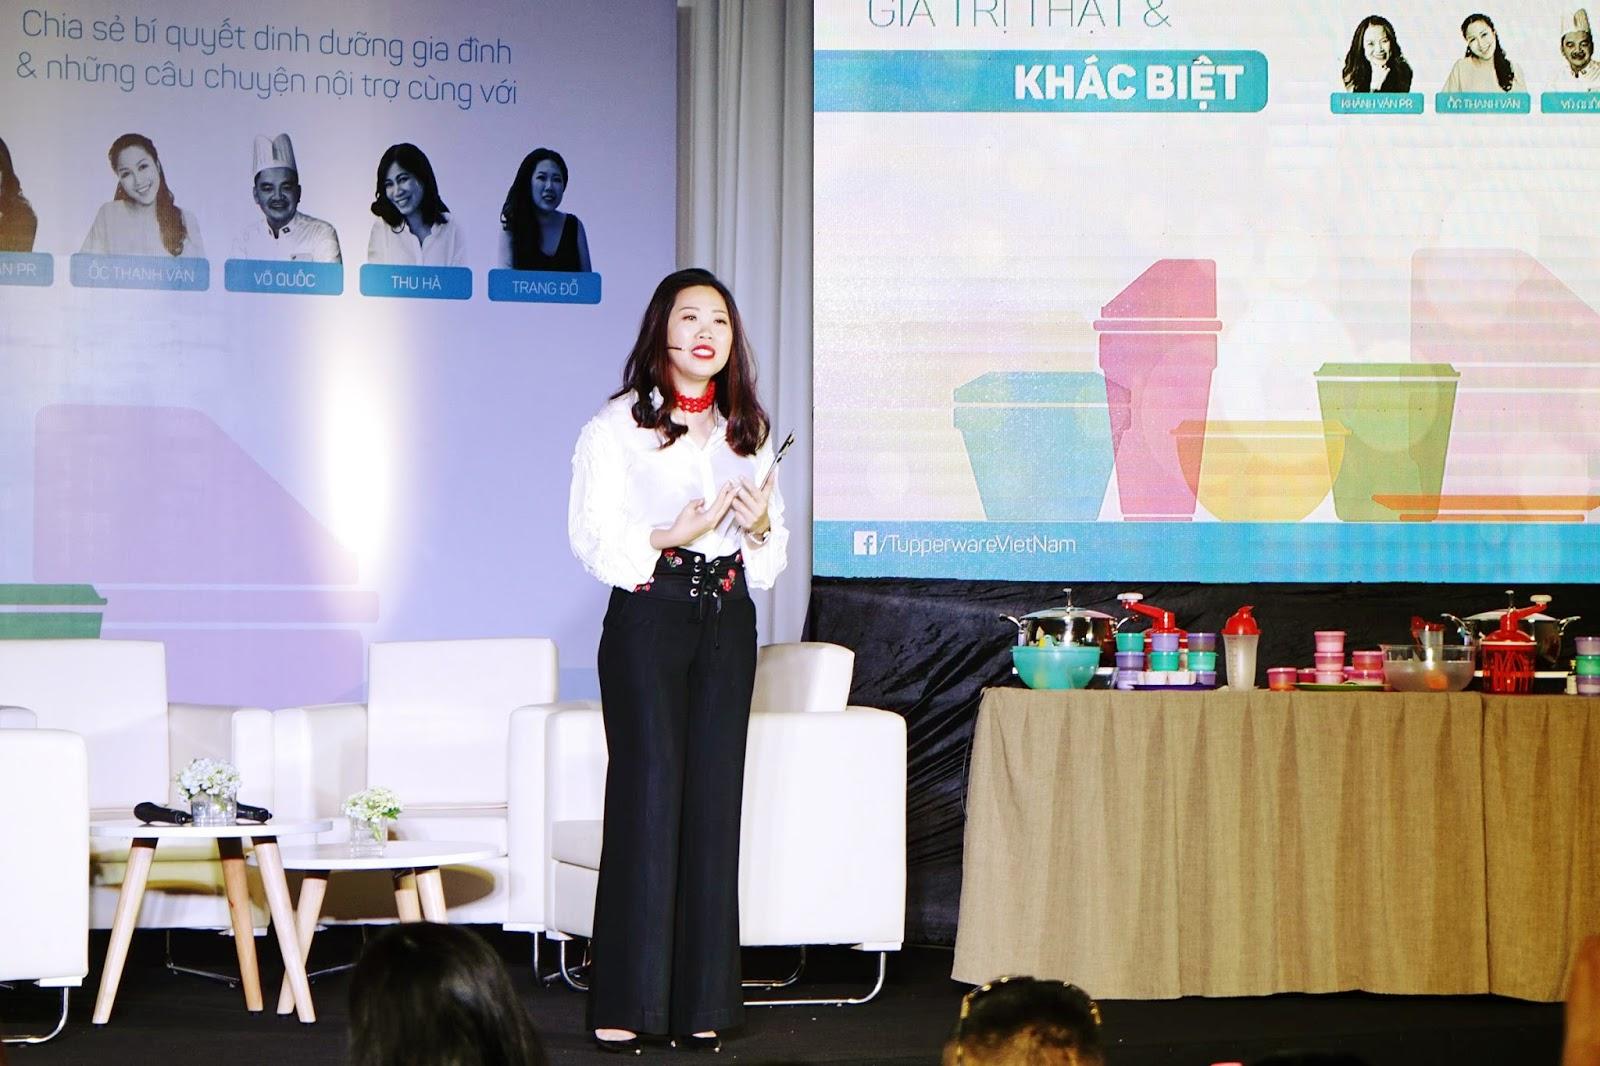 """Talkshow """"Tupperware – Giá trị Thật và Khác biệt"""" - Chia sẻ bí quyết dinh  dưỡng gia đình cùng phụ nữ Việt - Báo Tiếp Thị Gia Đình"""